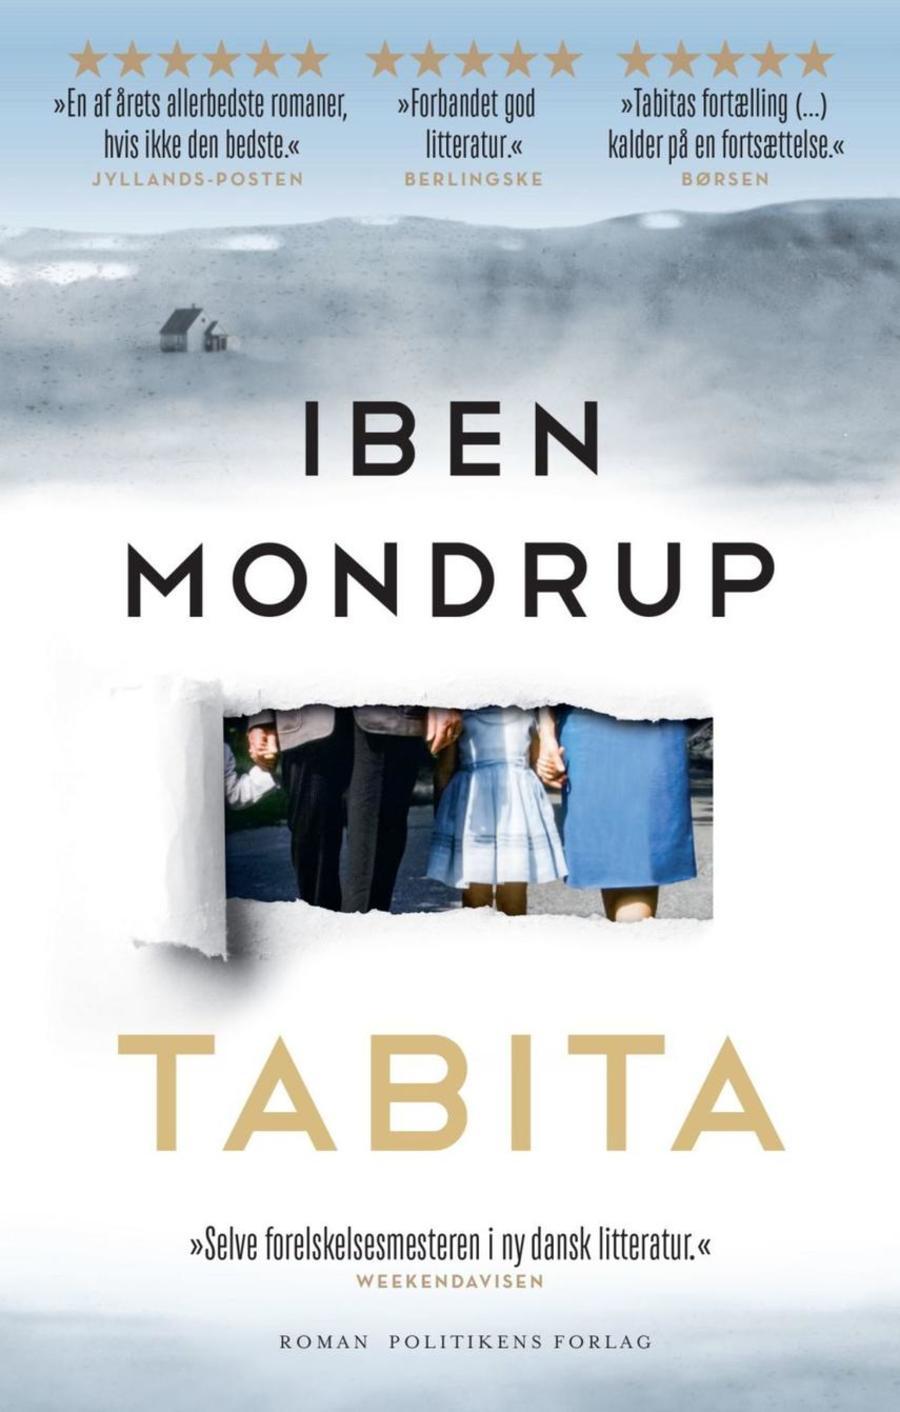 Forside til bogen Tabita af Iben Mondrup